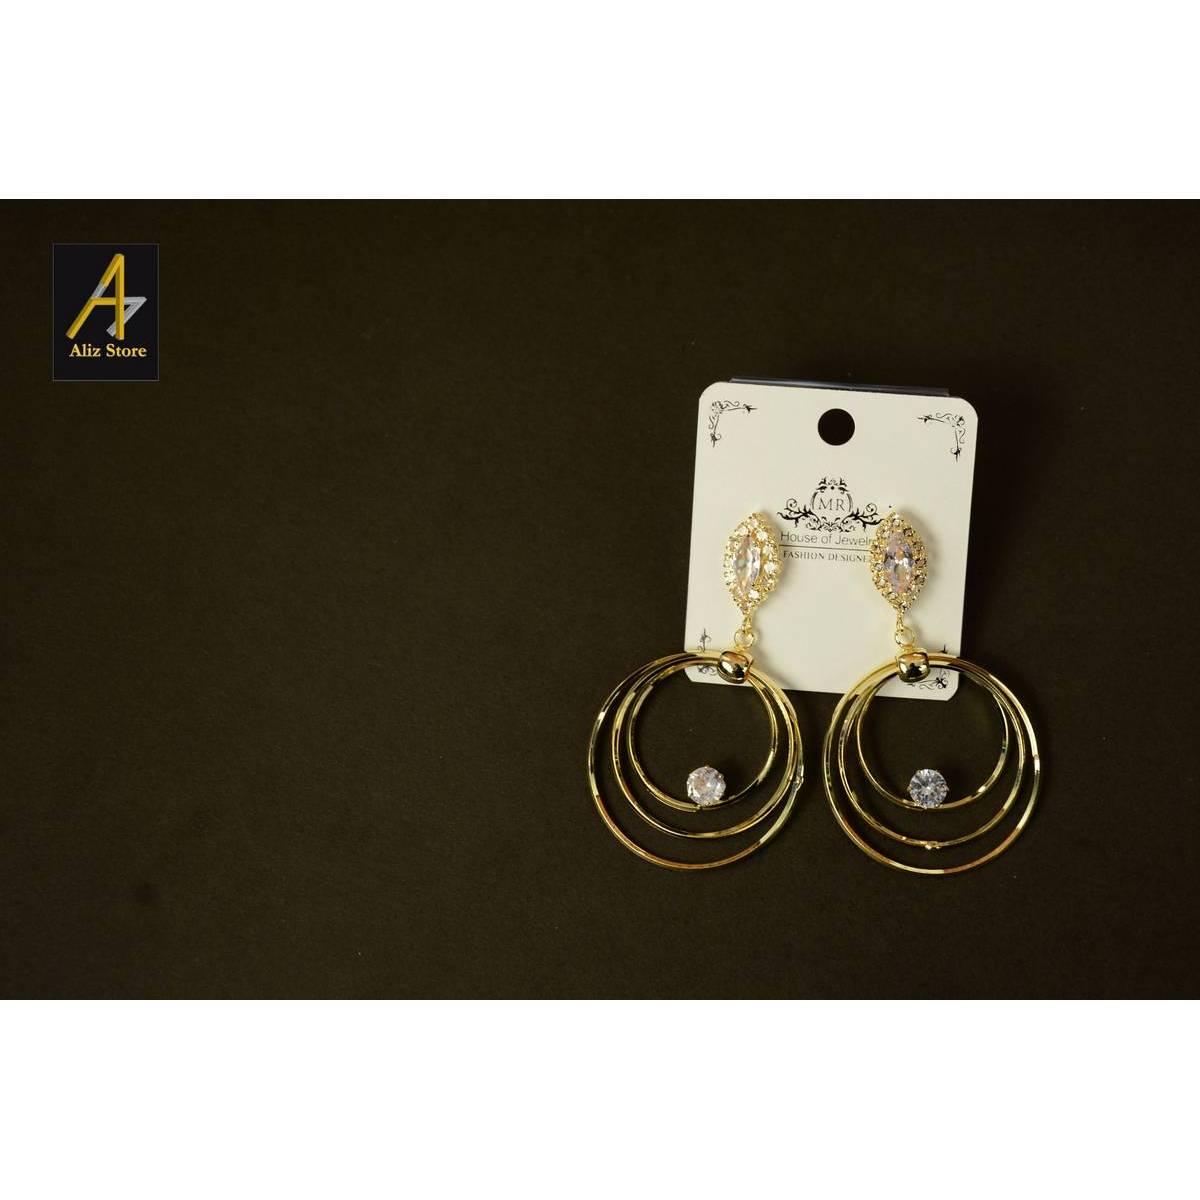 New hoops style earrings drop earrings earrings for girls earrings for women fashion jewellery trending online jewellery